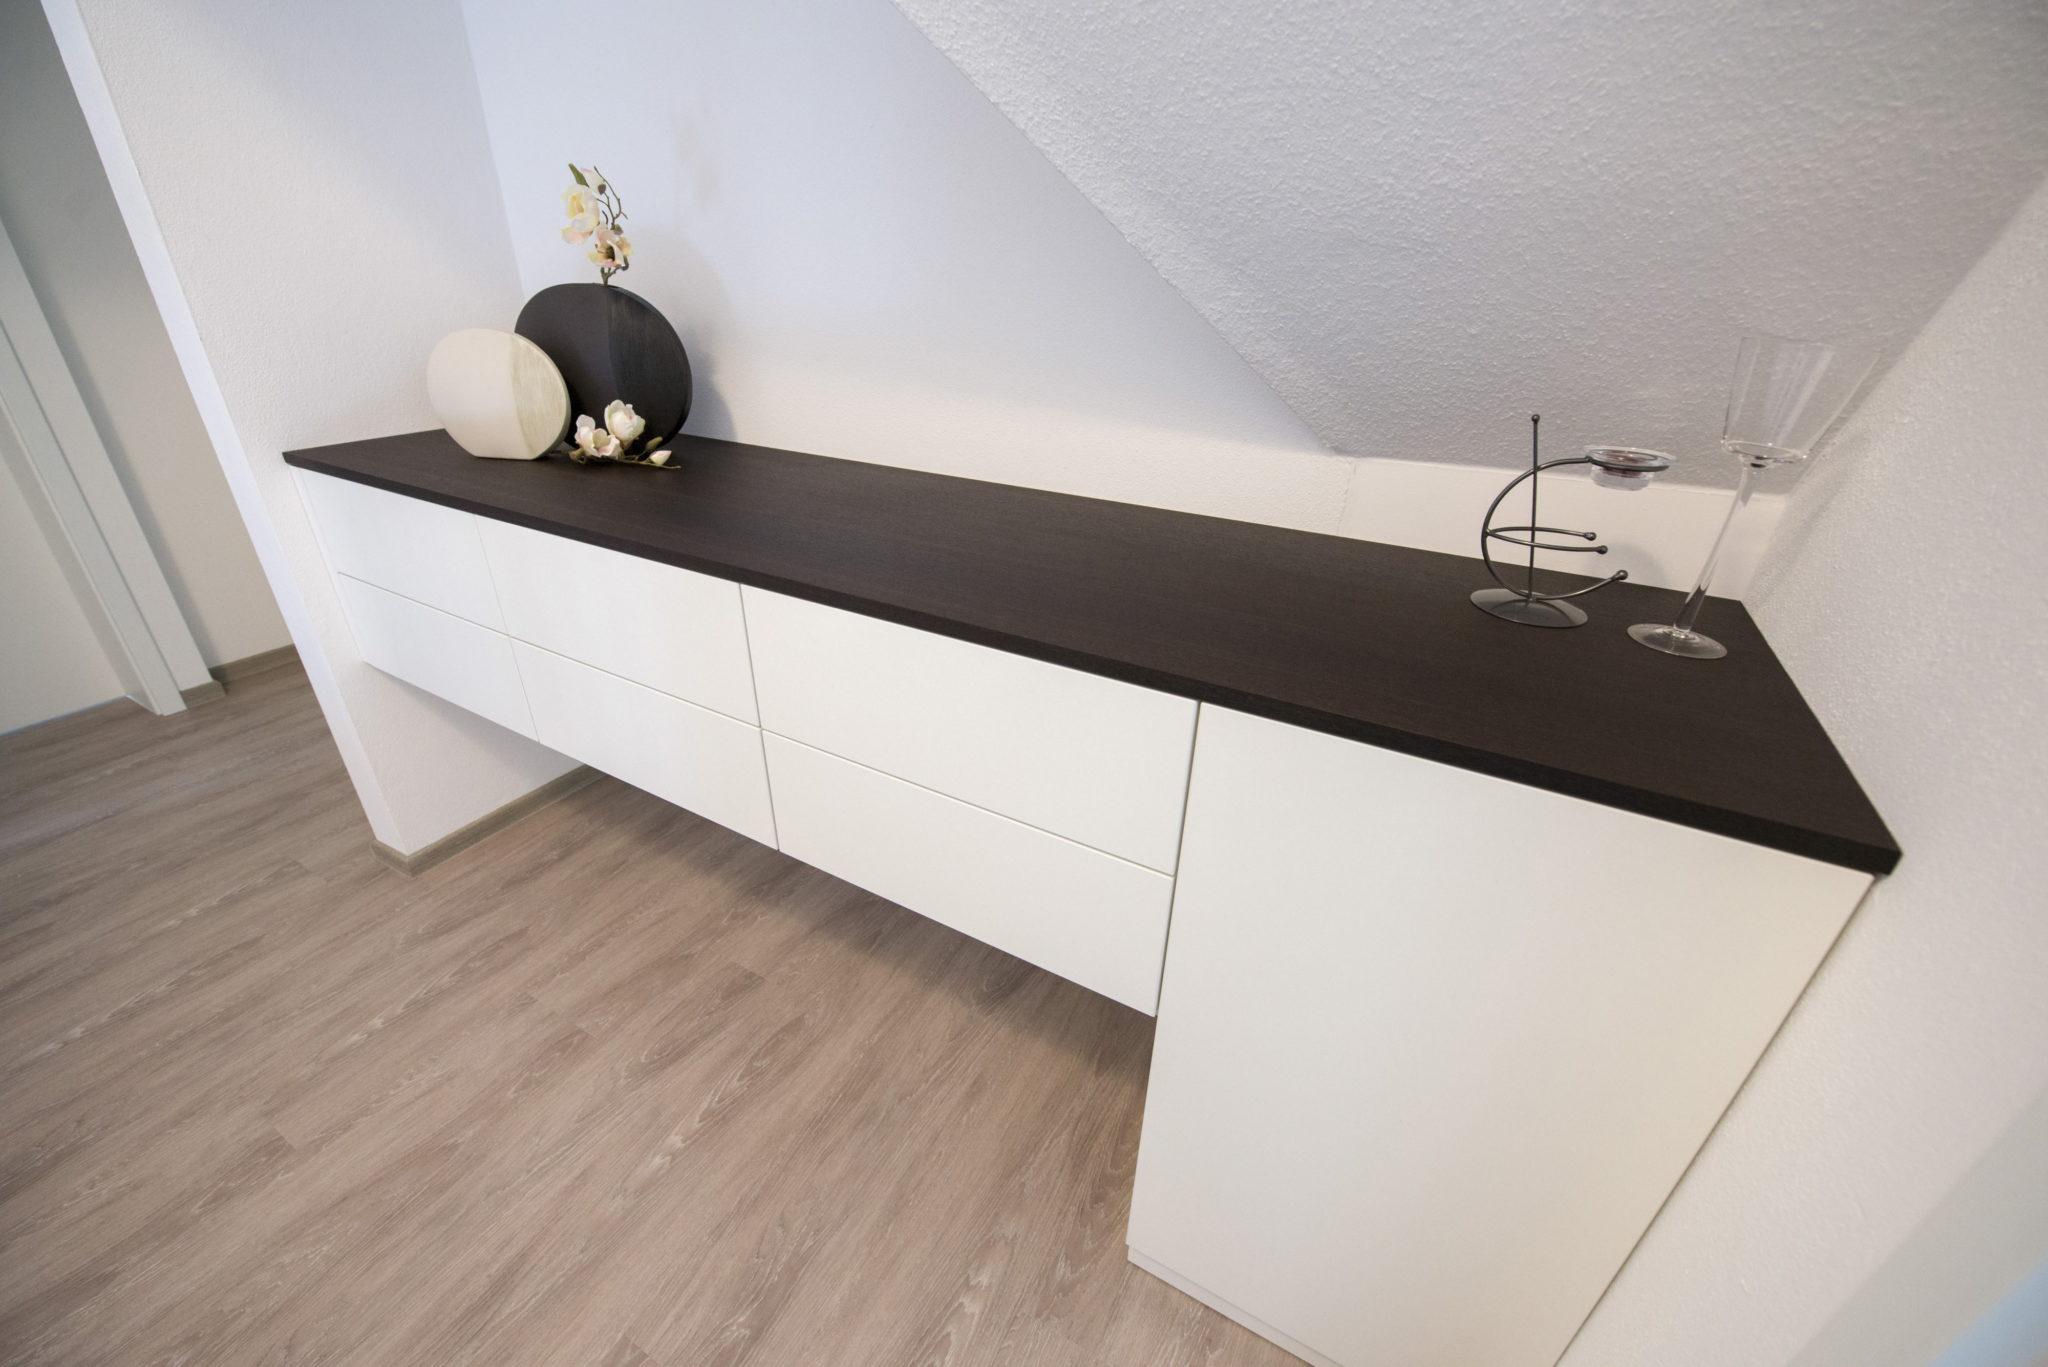 Schreinermöbel-mit-integrierter-Technik